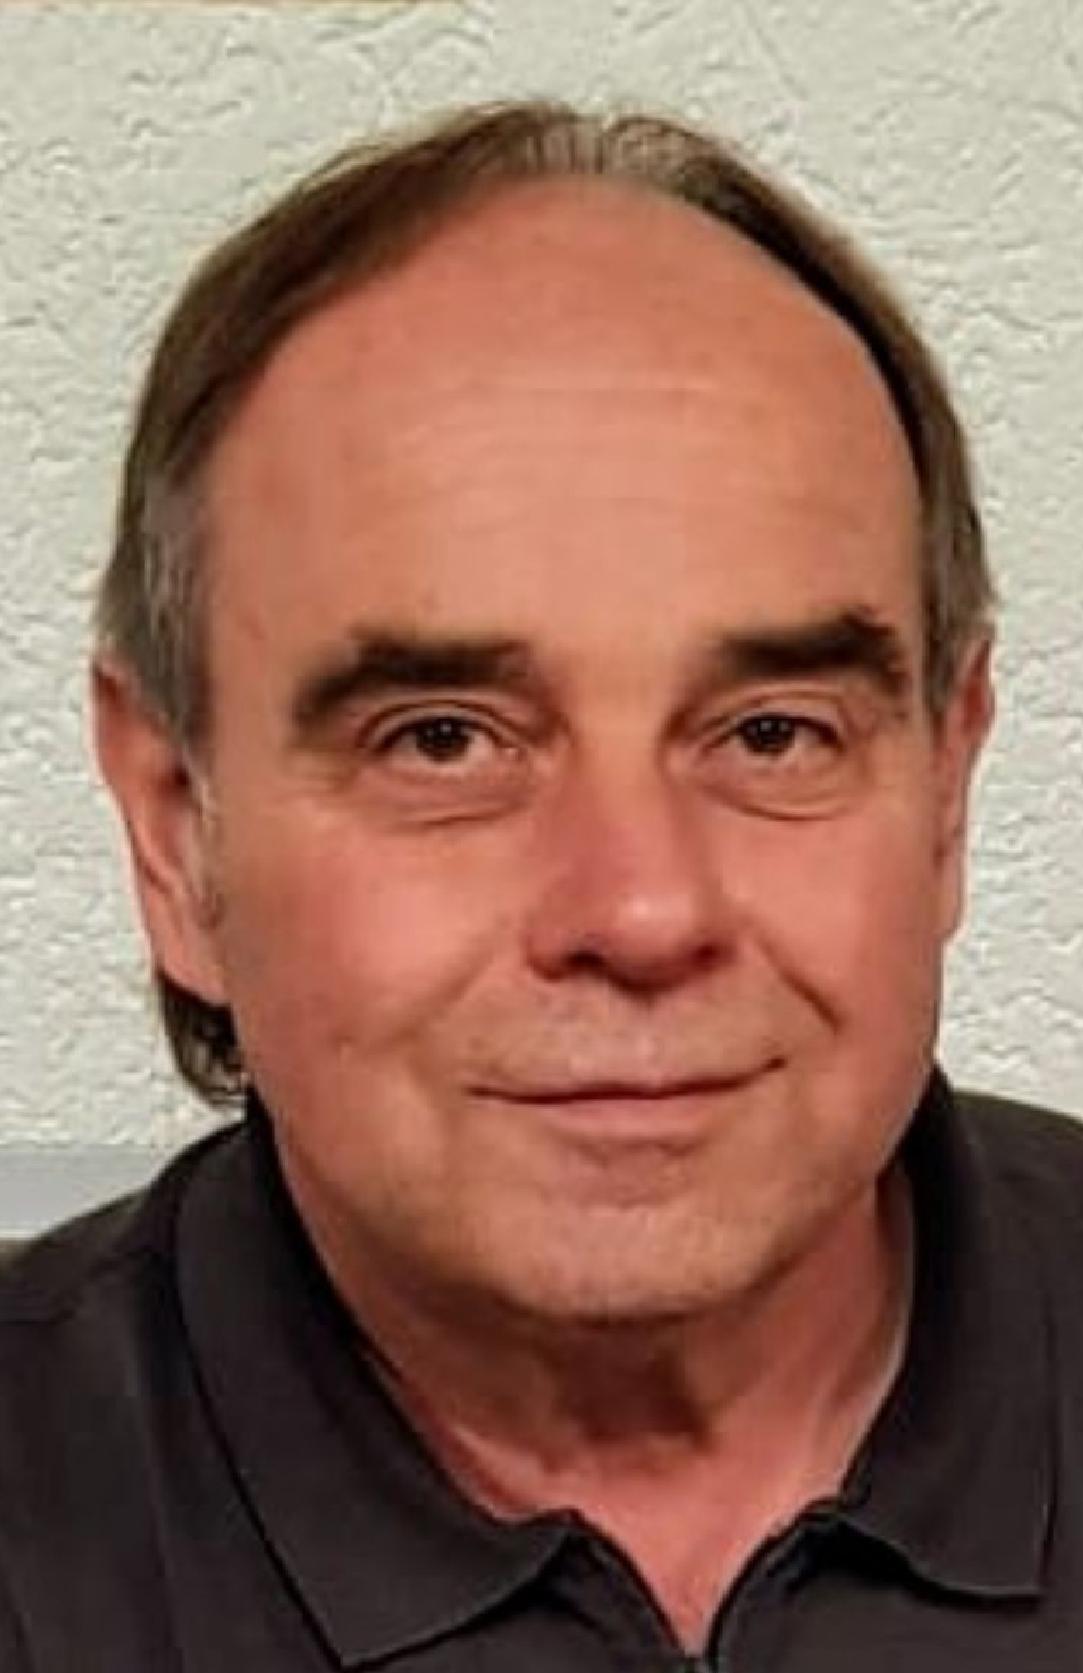 Manfred Felser (Betreuung)